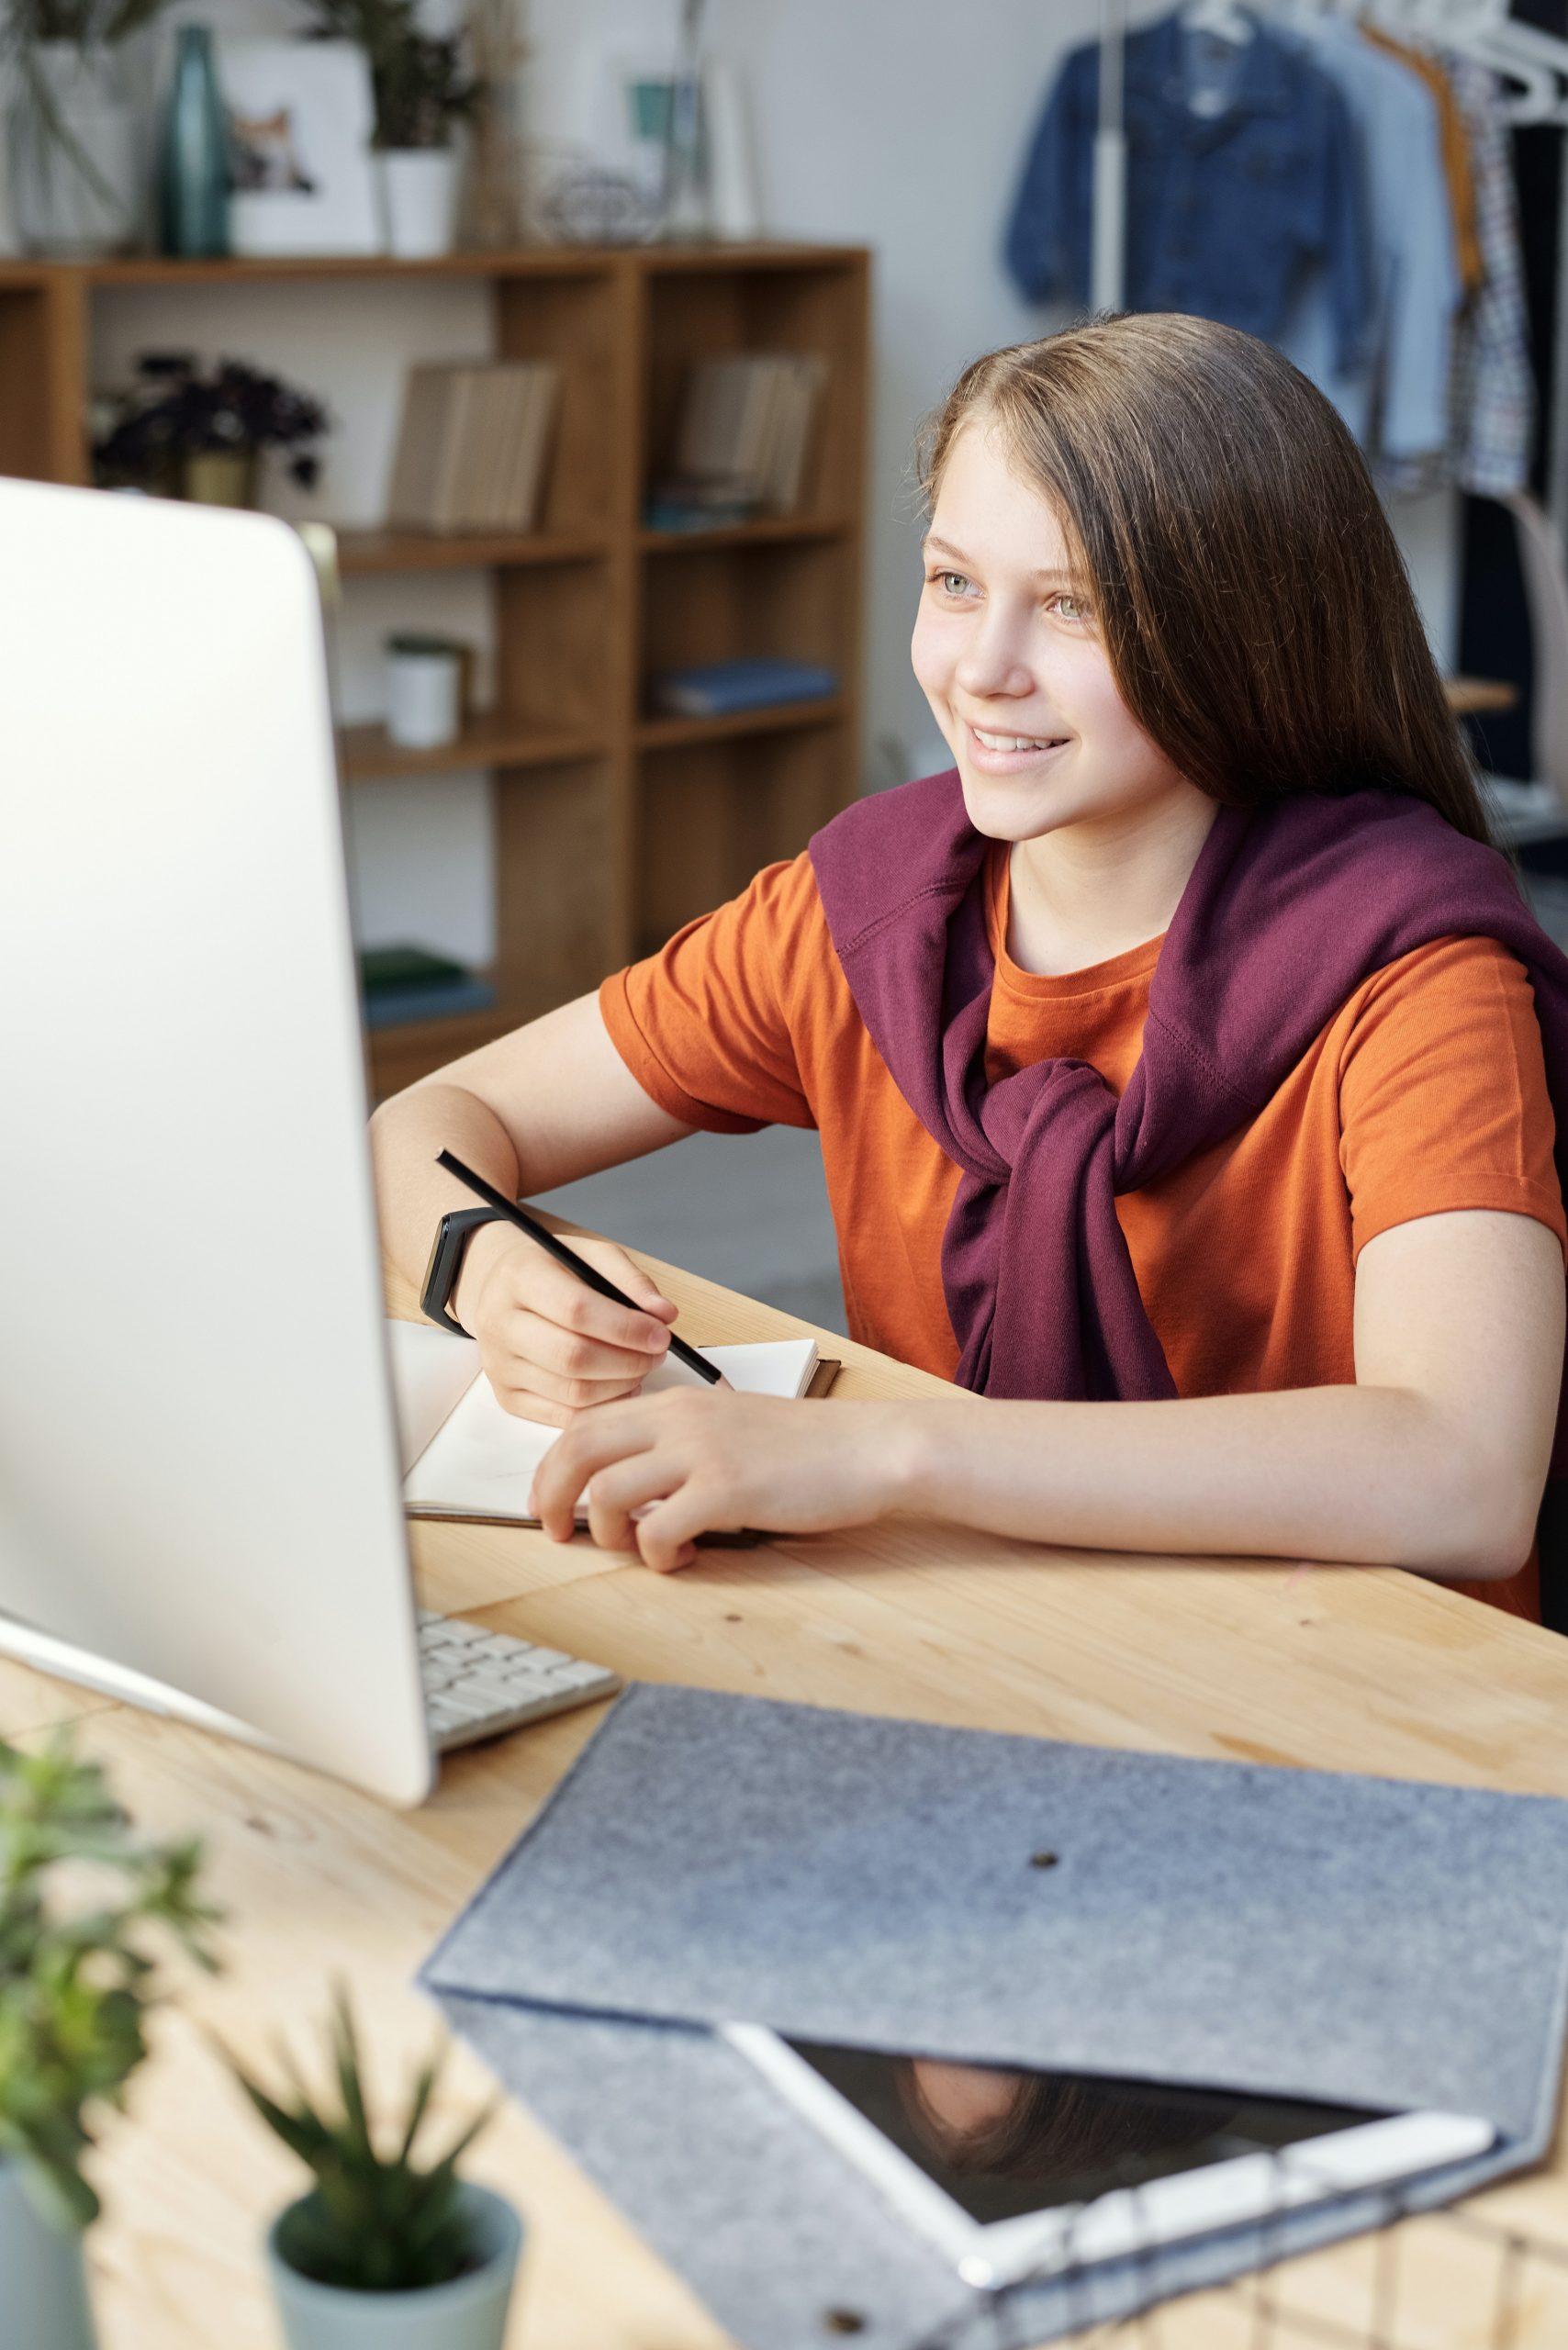 5 motive pentru care adolescenții întâmpină probleme școlare 1